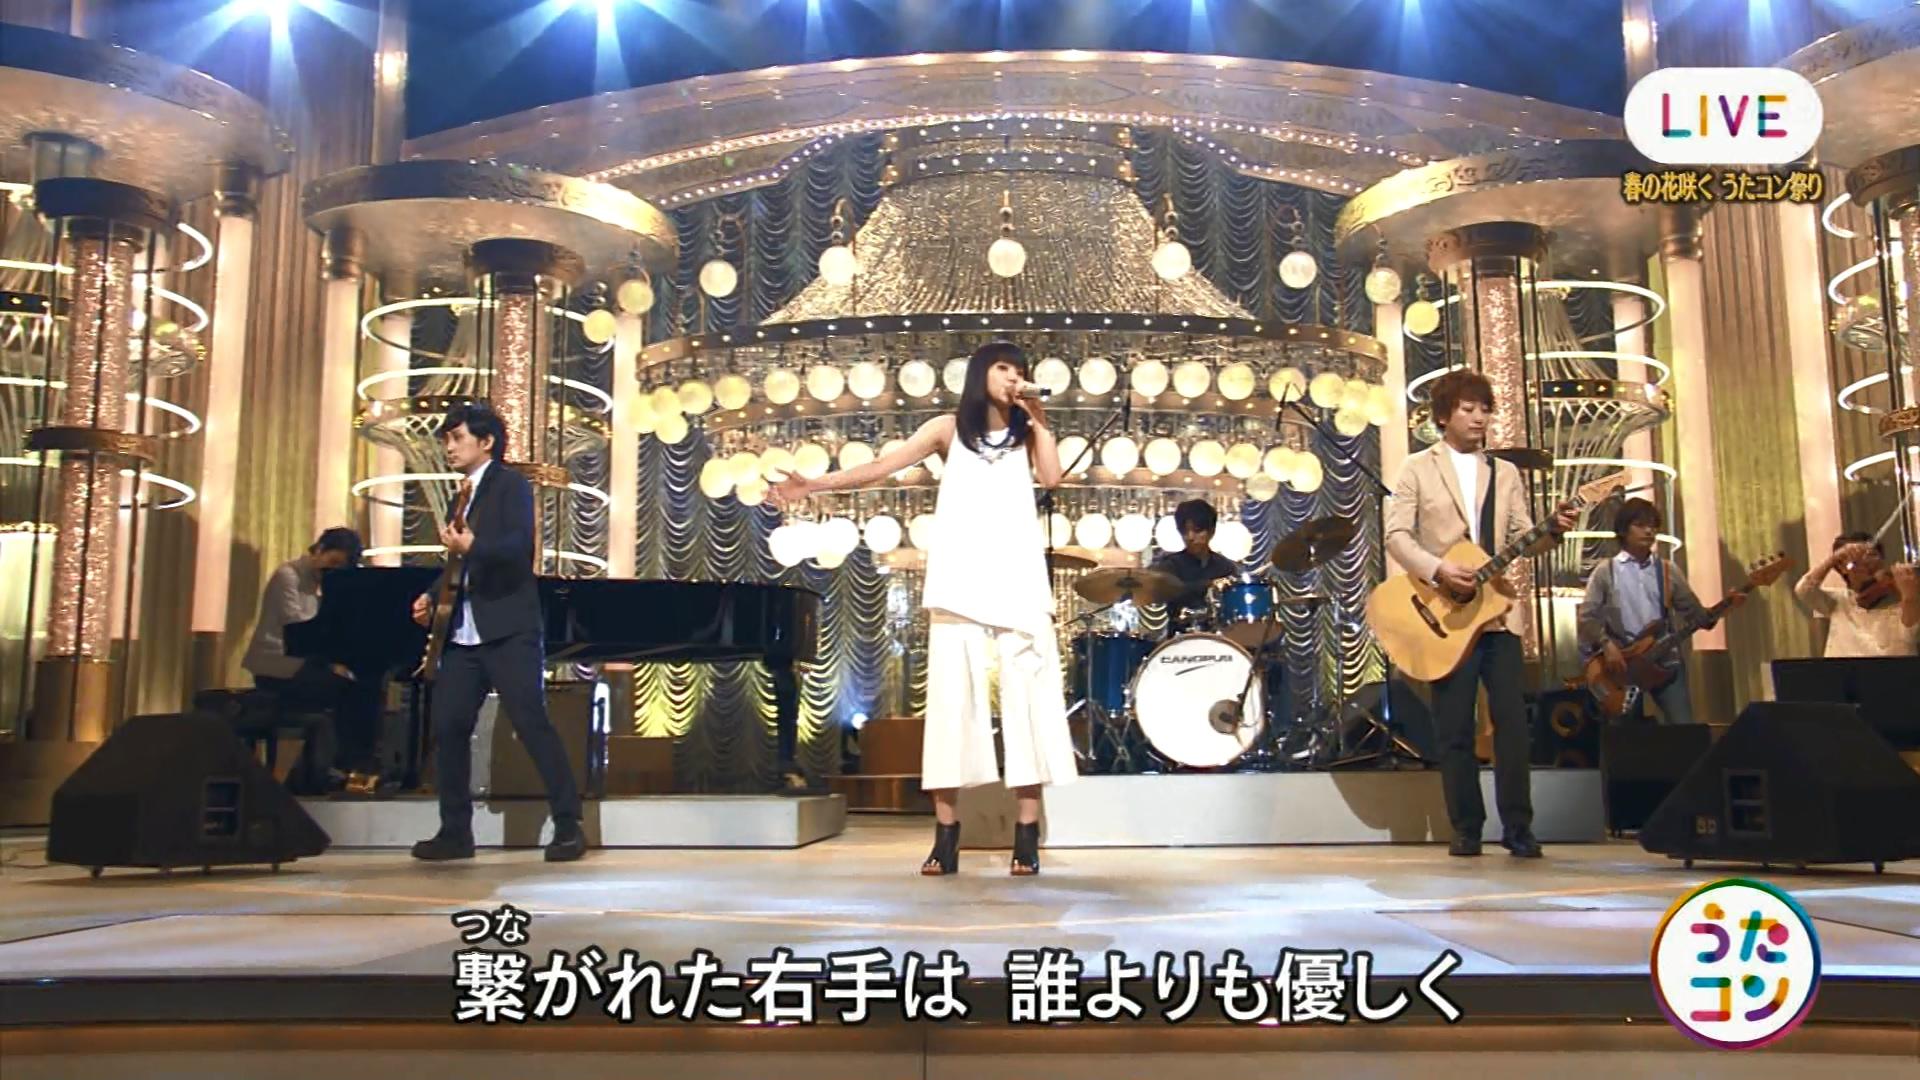 2016.04.12 全場(うたコン).ts_20160412_204521.895